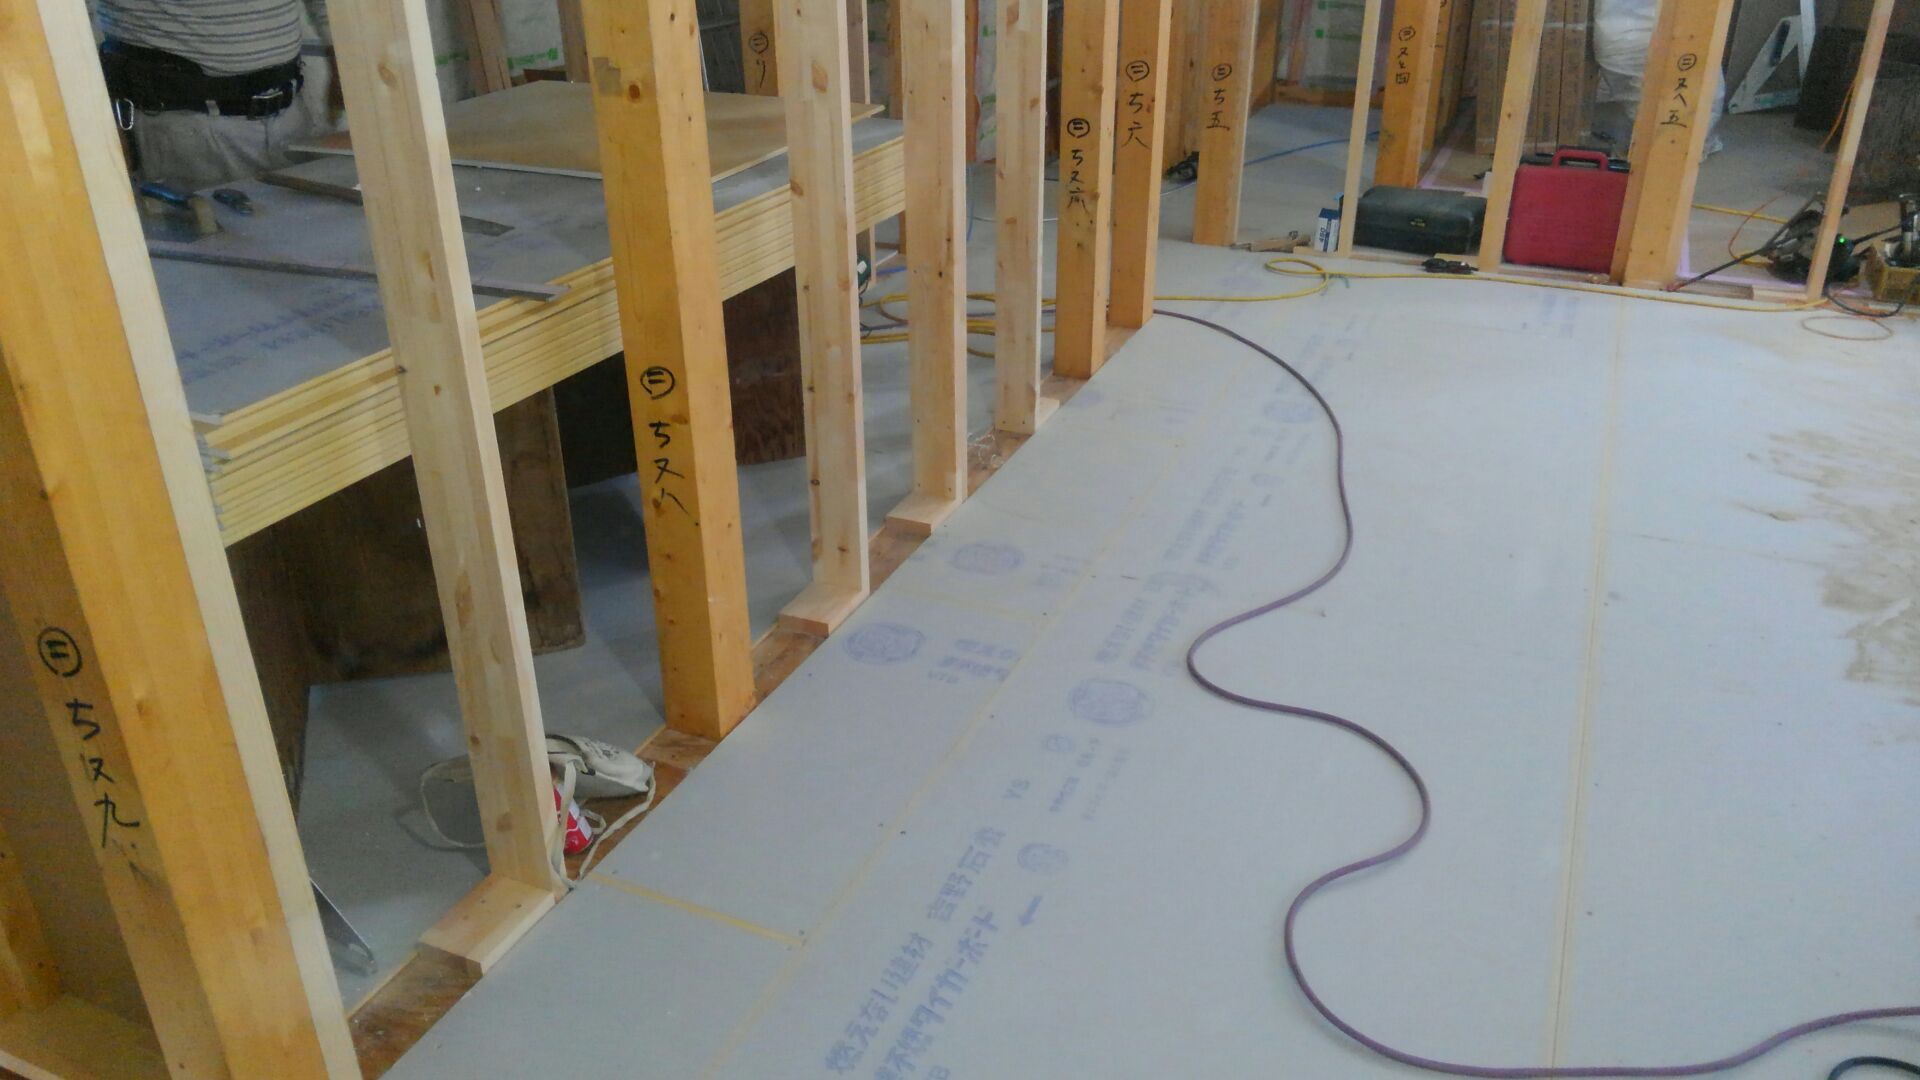 2階の床下地の状況です。フローリングを貼る前に、物音や足音を軽減するために石膏ボードを敷き詰めます。敷くのと 敷かないのでは 全然違うんですよ。